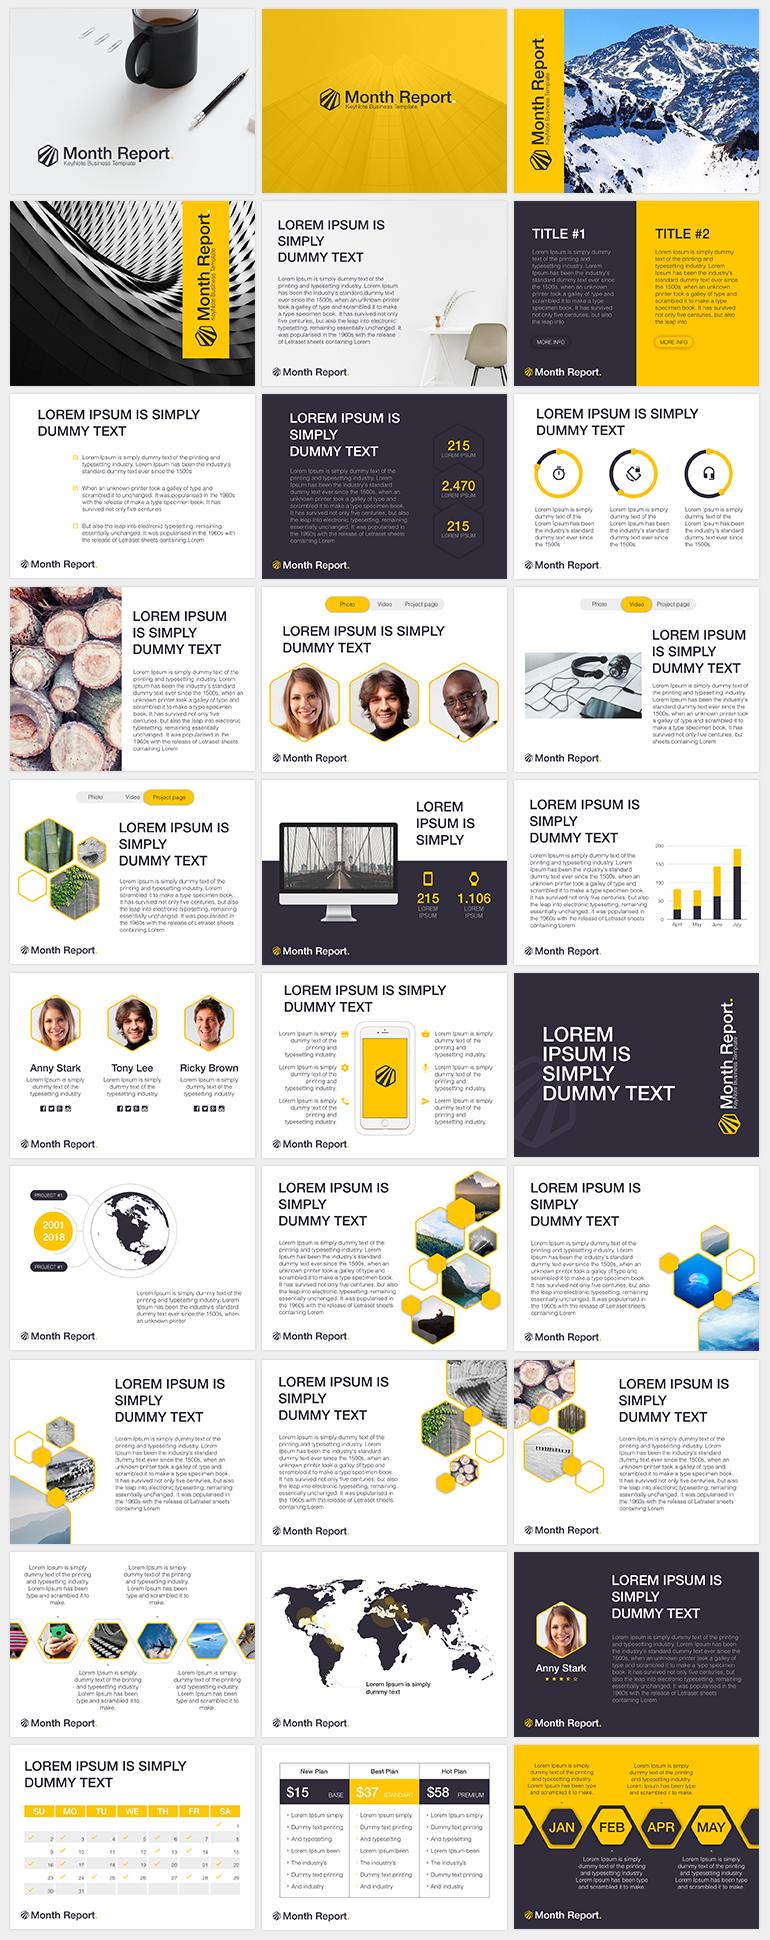 옐로우 컬러를 포인트로 사용한 PPT 템플릿 - Free Yellow & Grey PowerPoint Template For Month Report